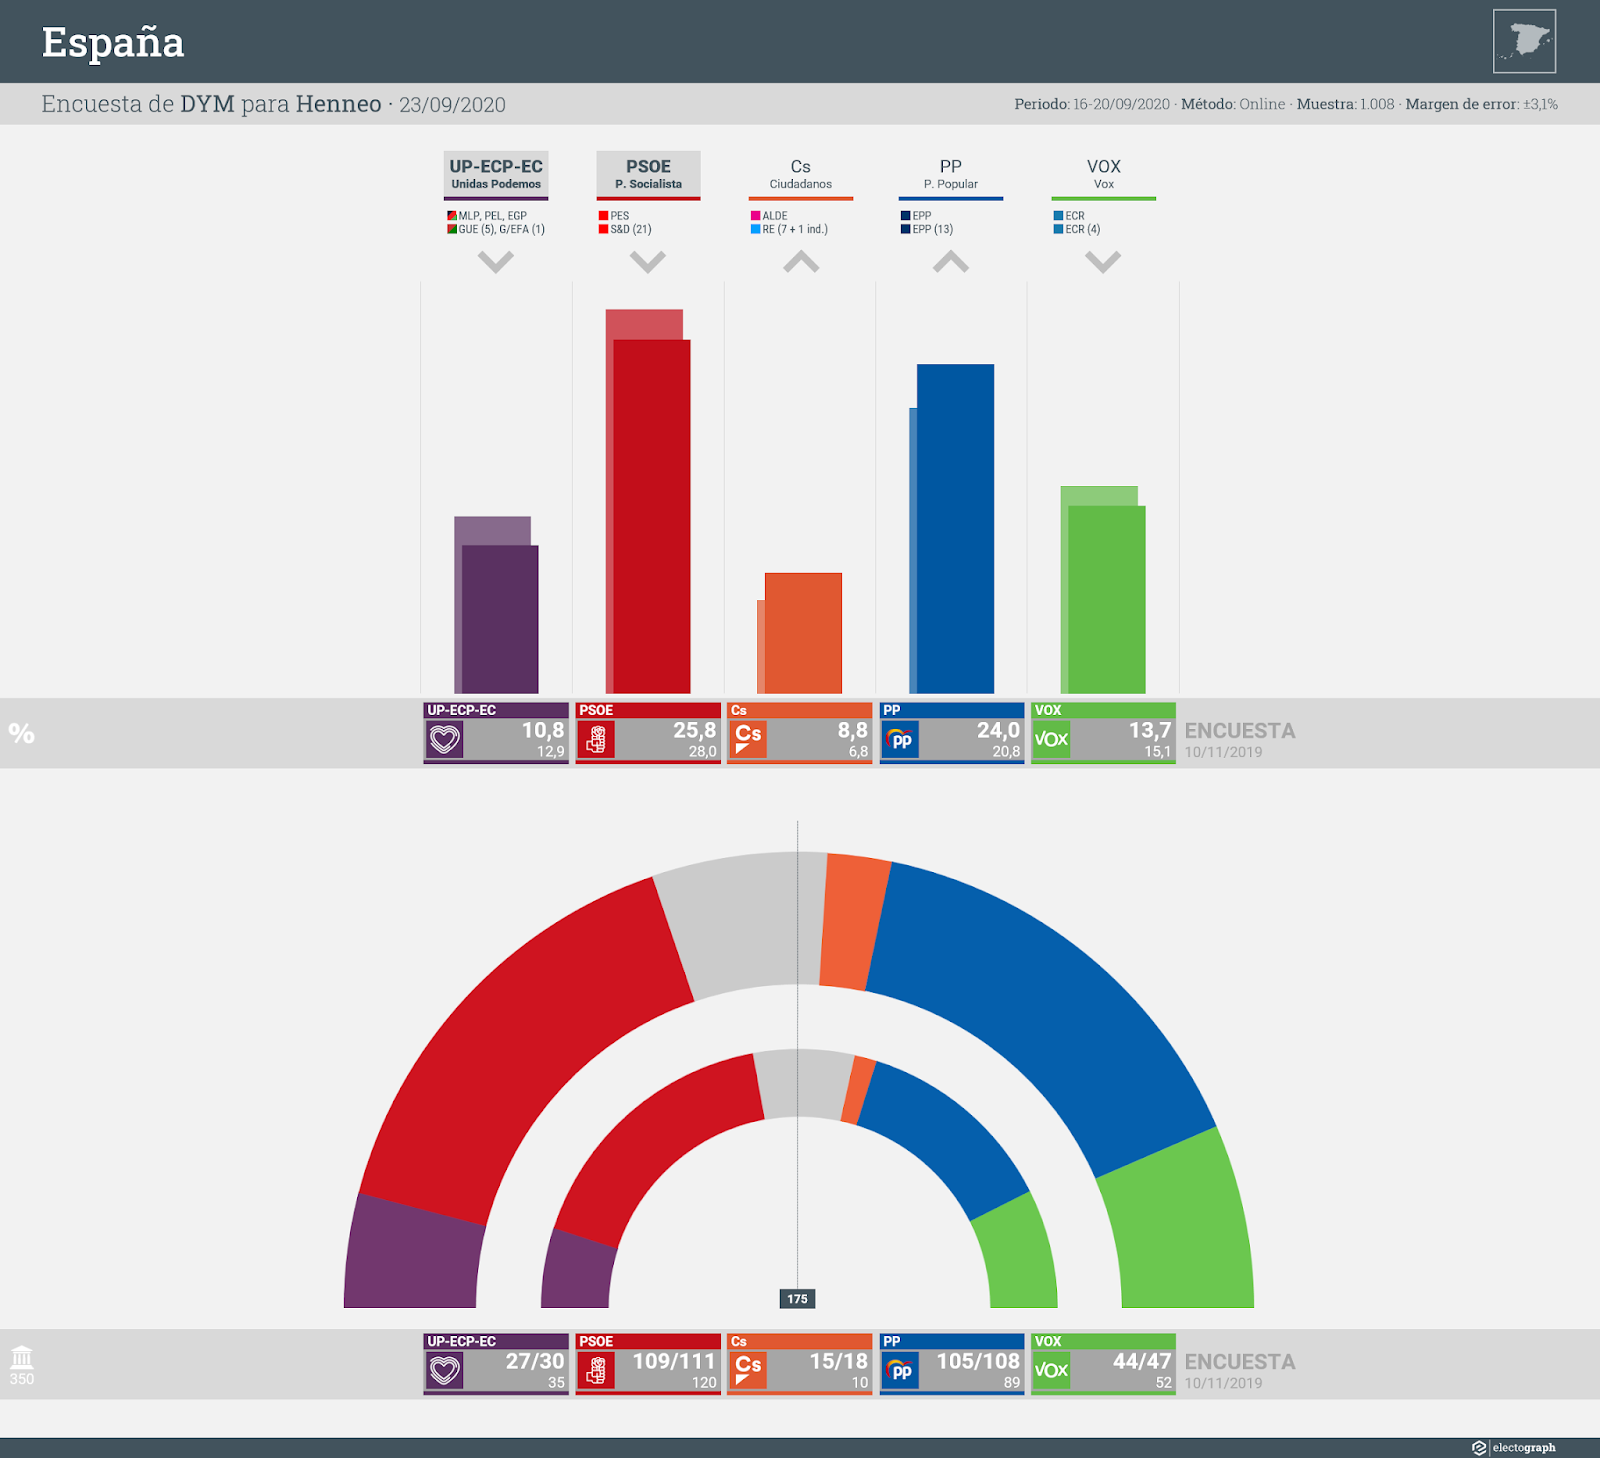 Gráfico de la encuesta para elecciones generales en España realizada por DYM para Henneo, 23 de septiembre de 2020